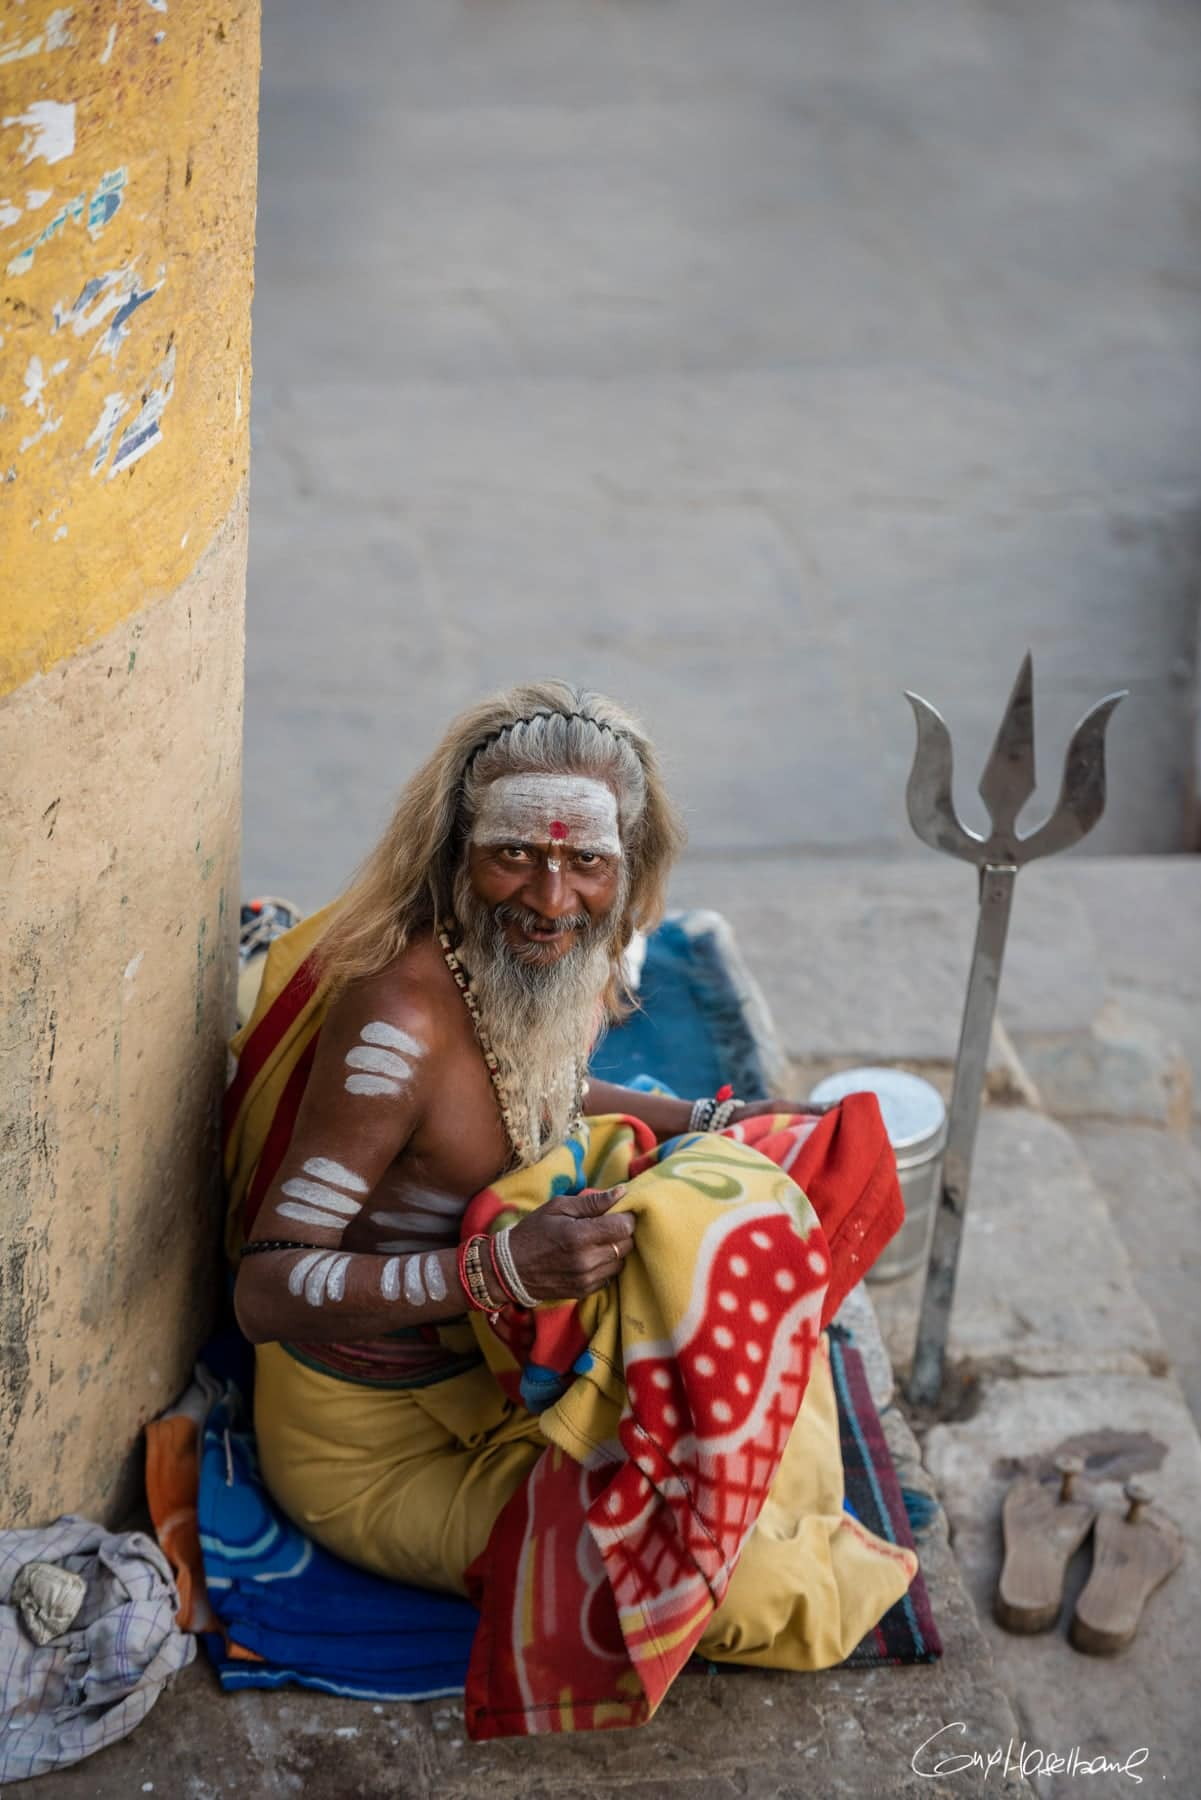 Sâdhu Varanasi.